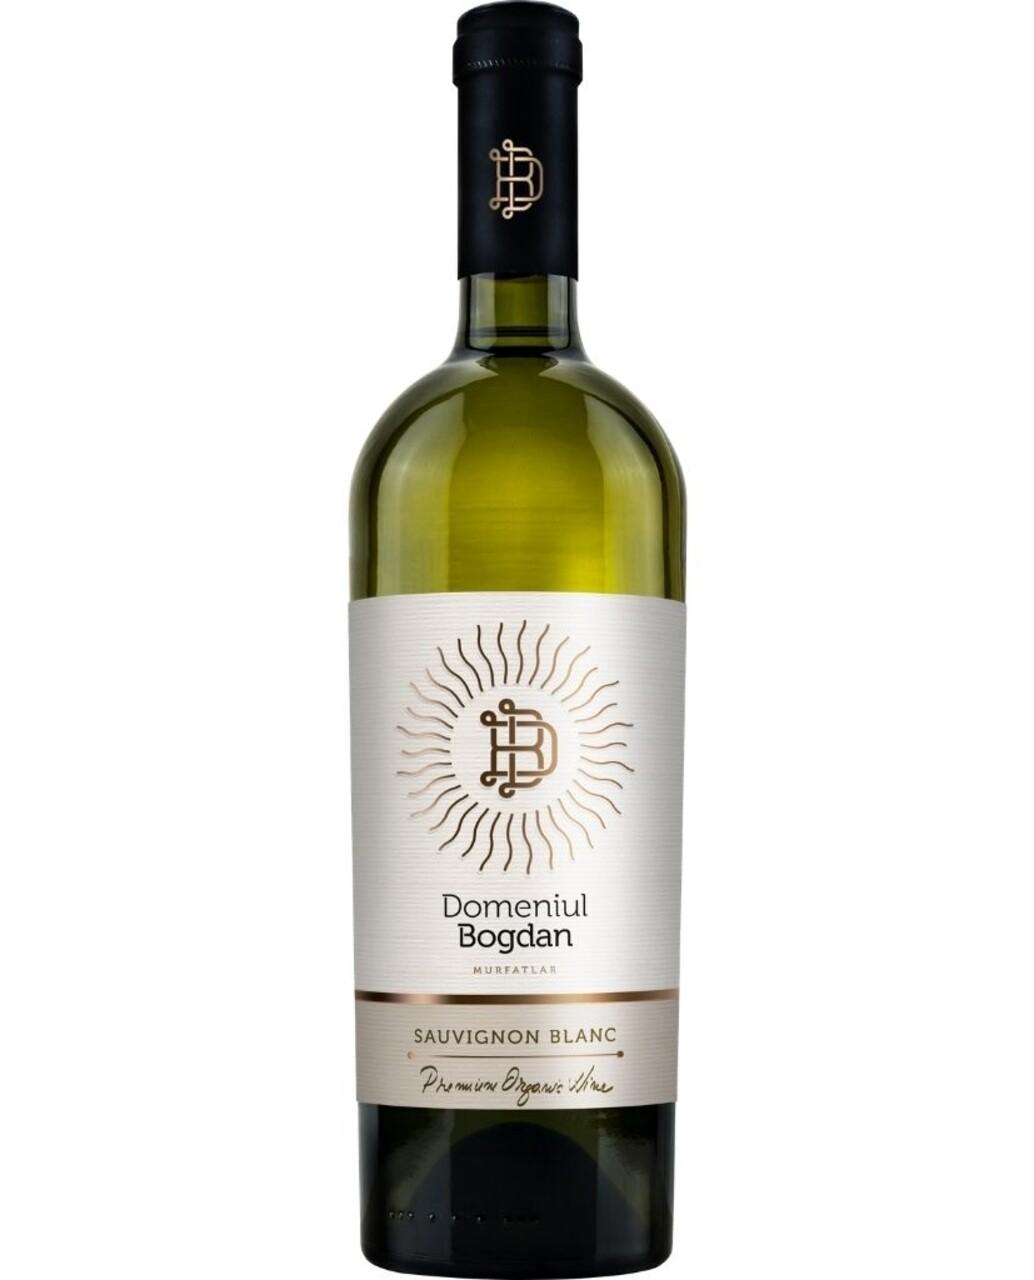 Domeniul Bogdan Premium Sauvignon Blanc